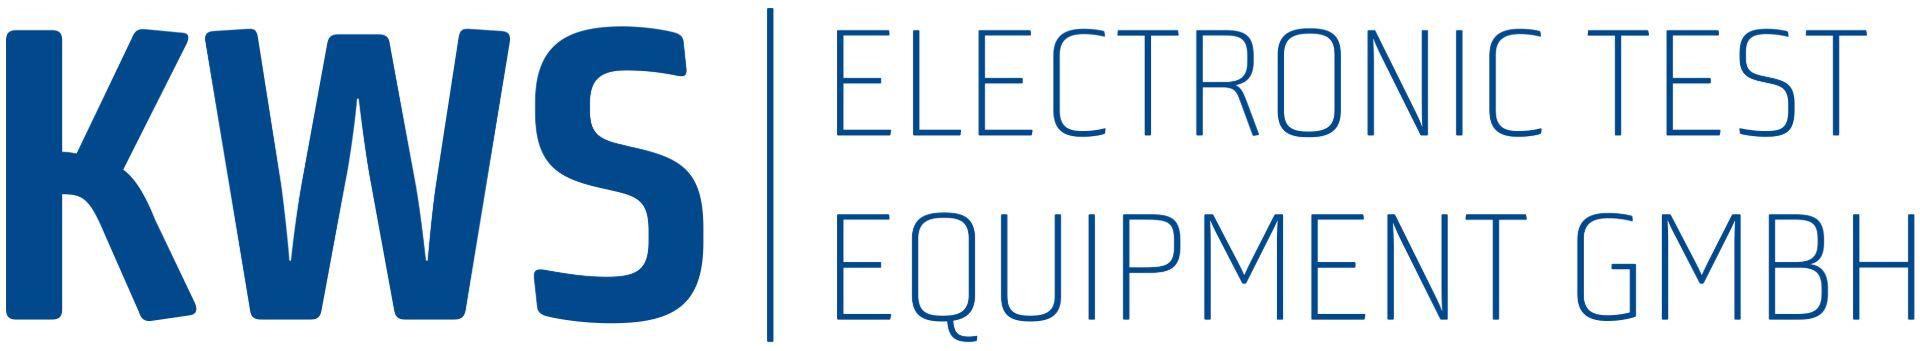 KWS Electronic